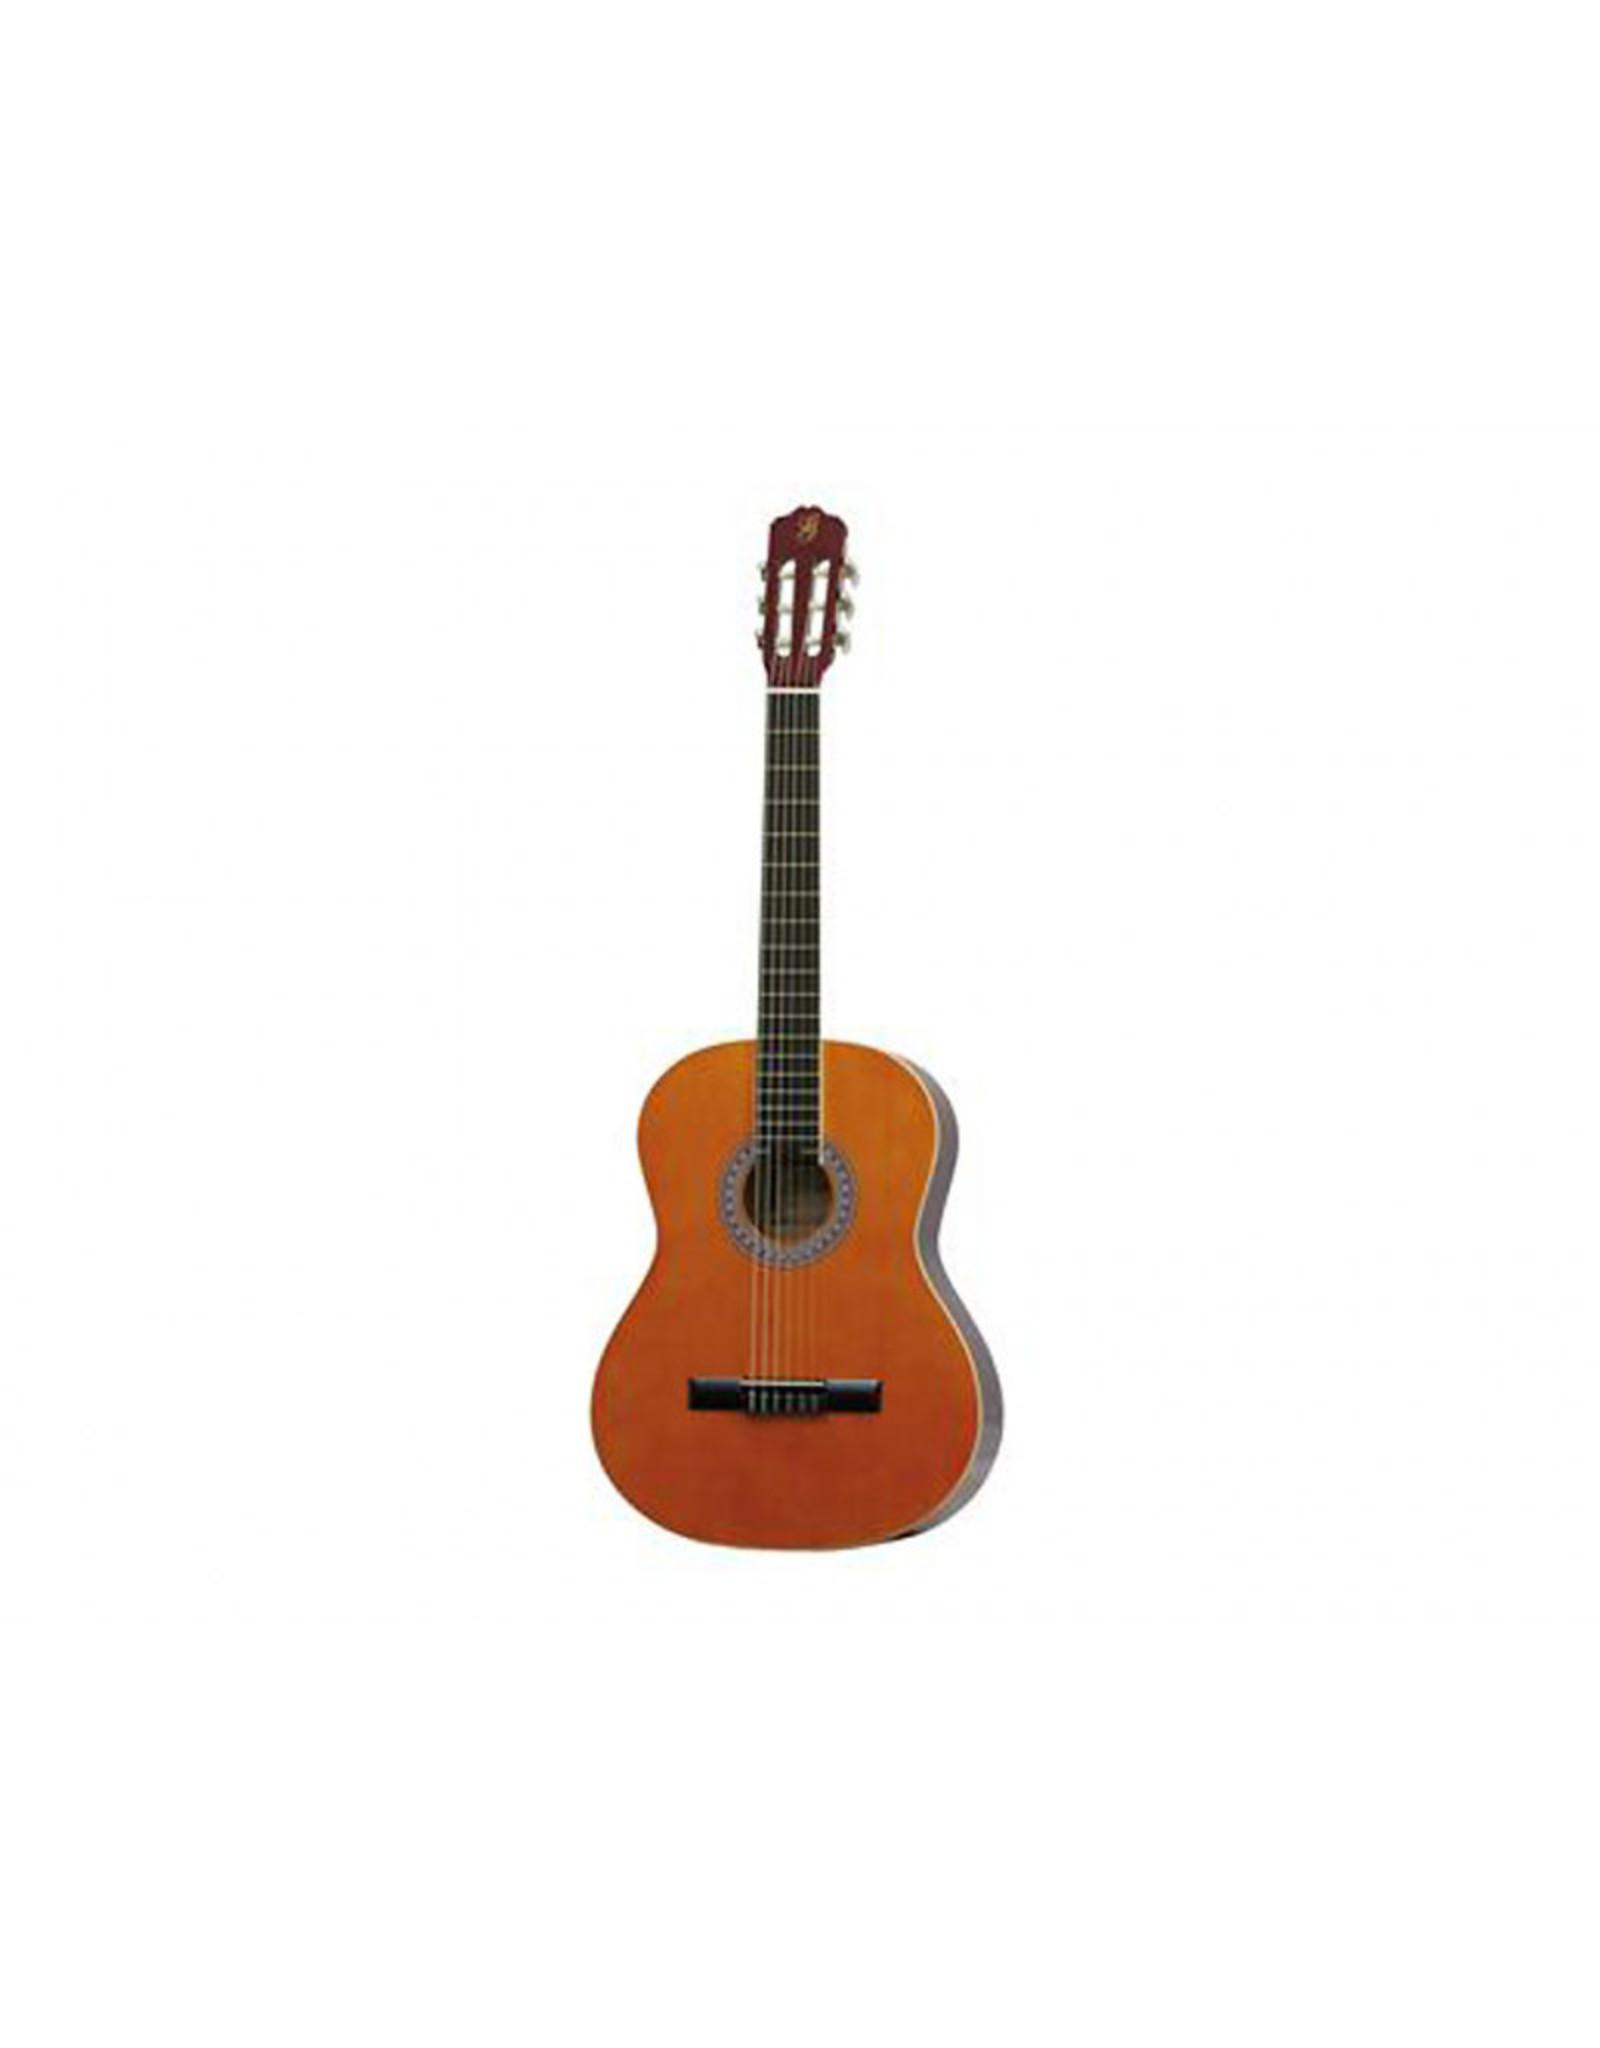 Gomez Gomez 001 4/4 Naturel klassieke gitaar